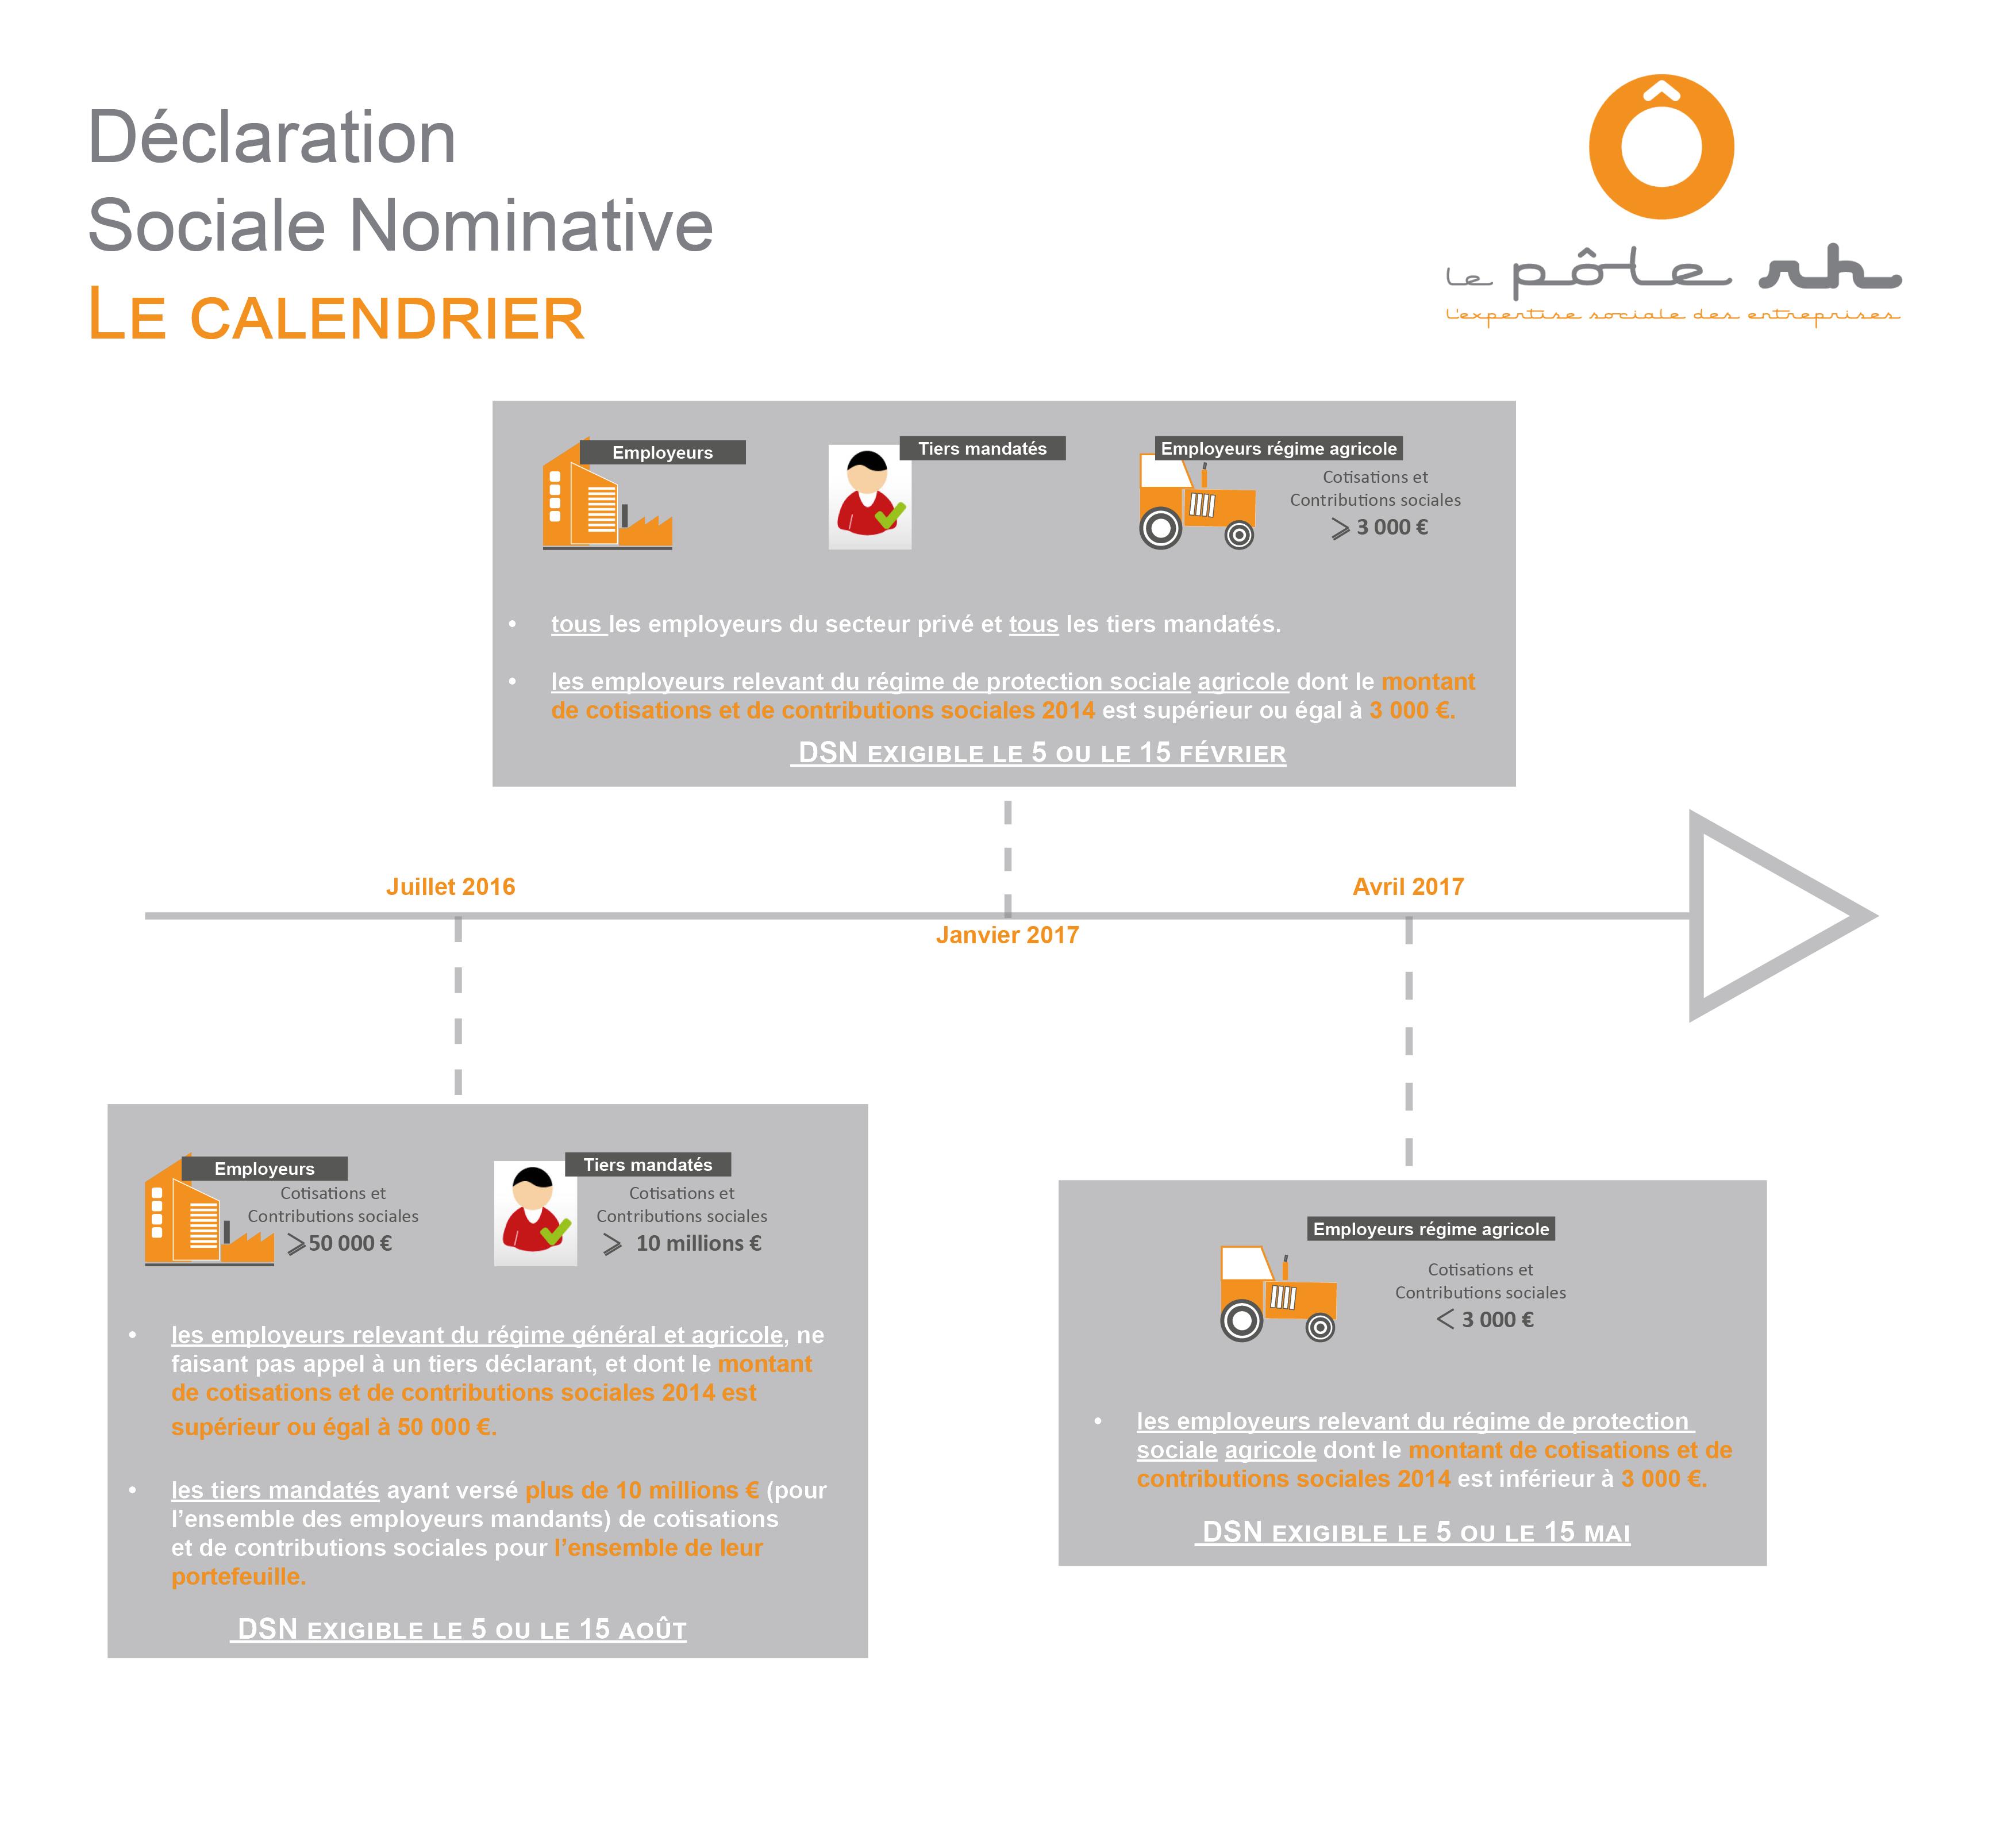 Calendrier Dsn.Declaration Sociale Nominative Le Calendrier De Mise En